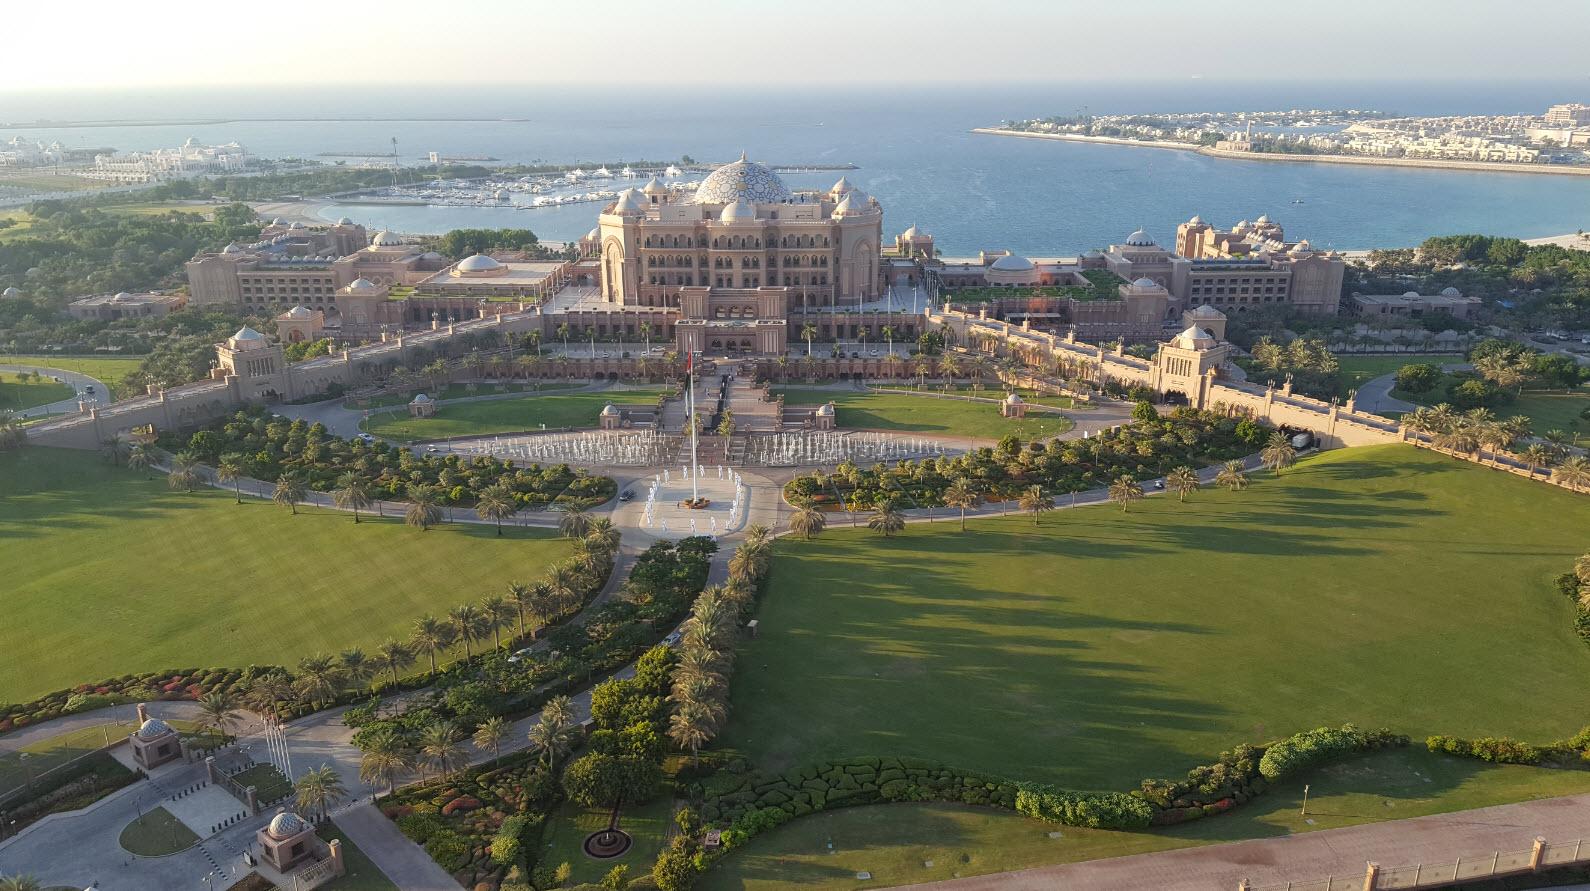 Vue sur Emirates Palace